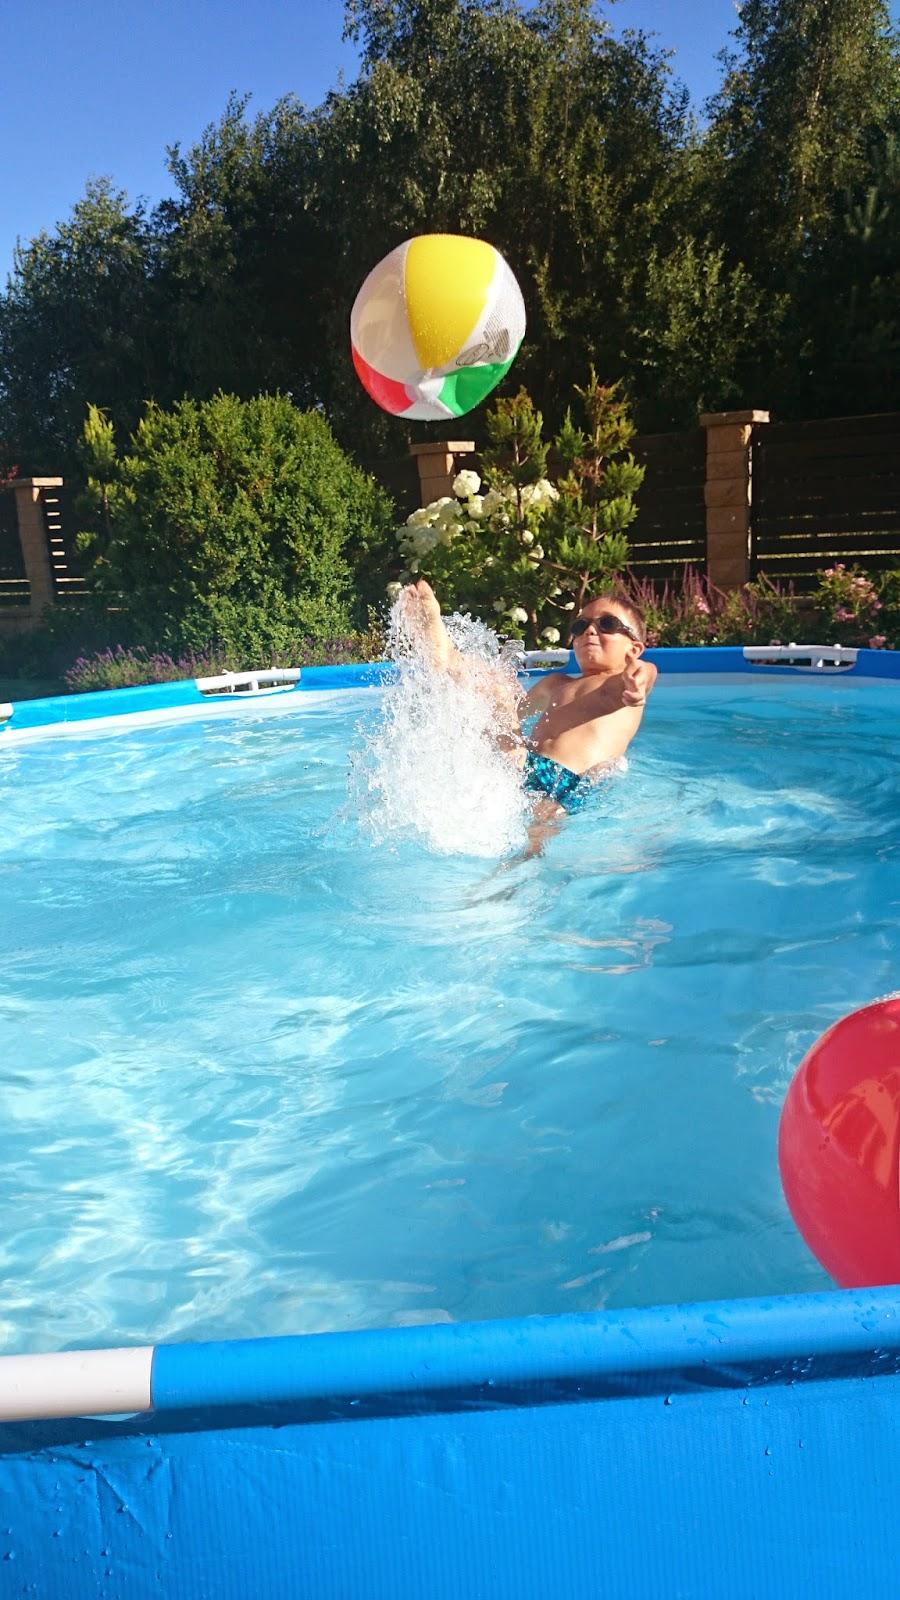 basen,zabawy w basenie,piłka plażowa,piękny ogród,dom z ogrodem,blog DIY,blog lifestyle,dzieci w wodzie,zdjęcia w wodzie,inspiracje ogród,co robić z dziećmi w basenie,szczecin basen,basen stelażowy jak wygląda